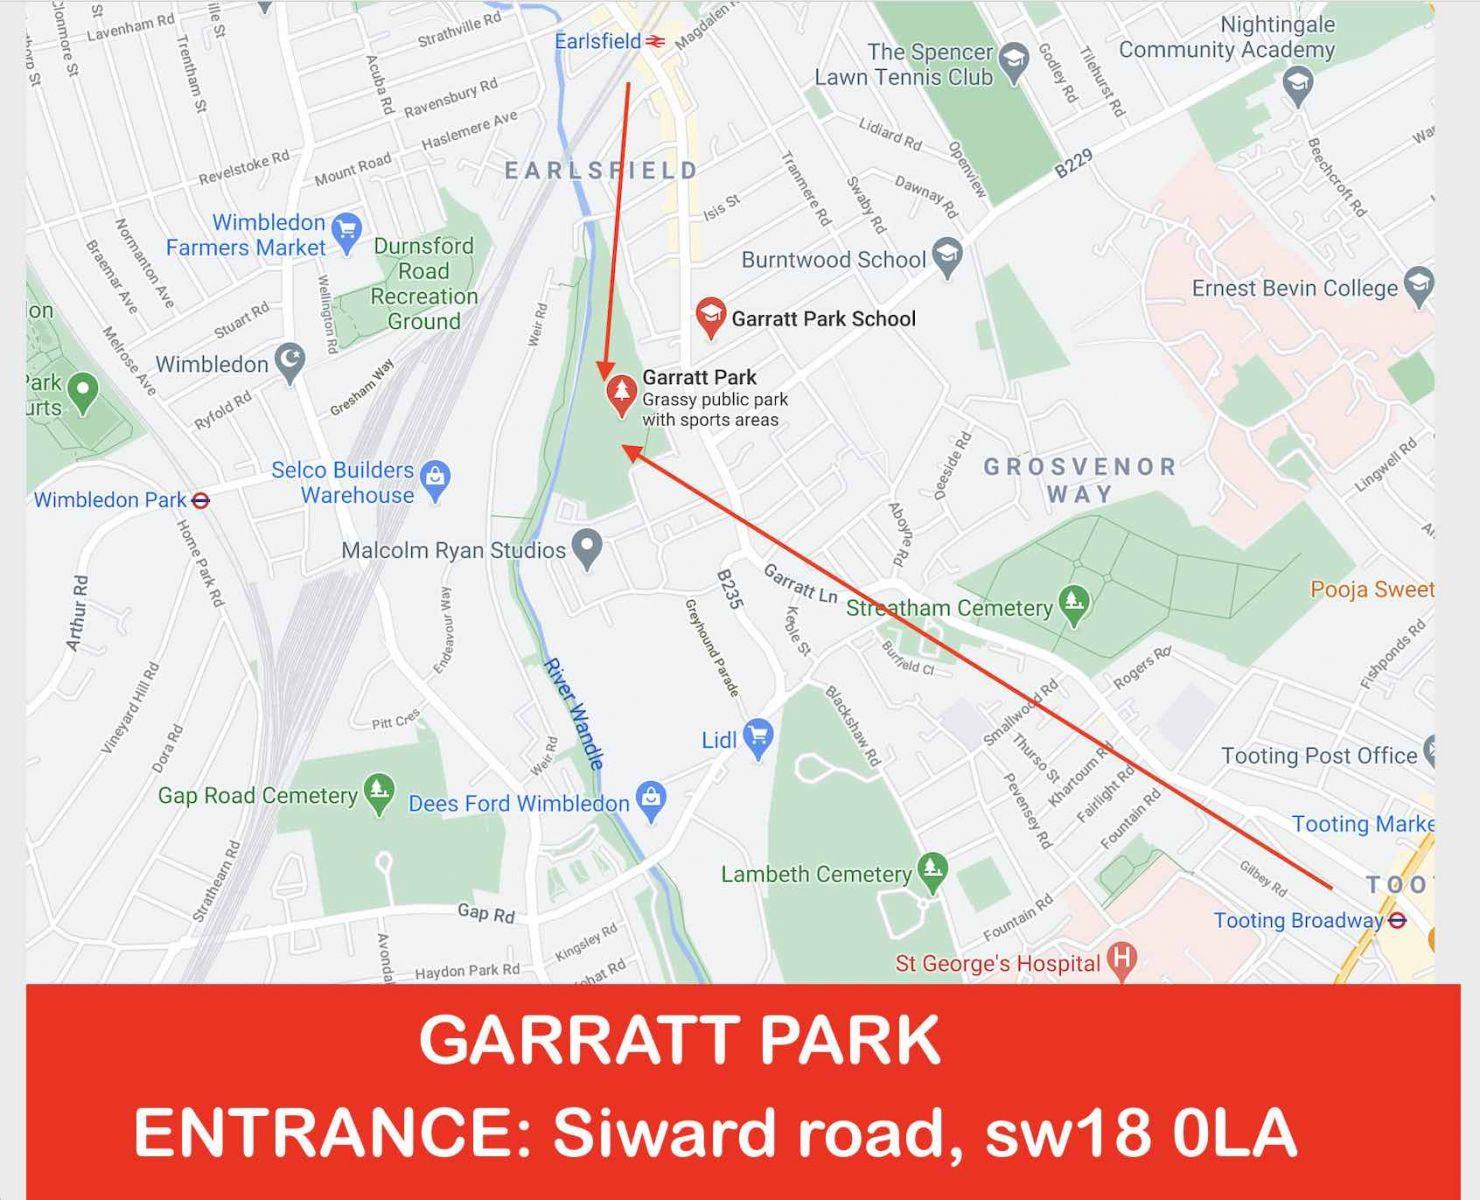 Garratt Park